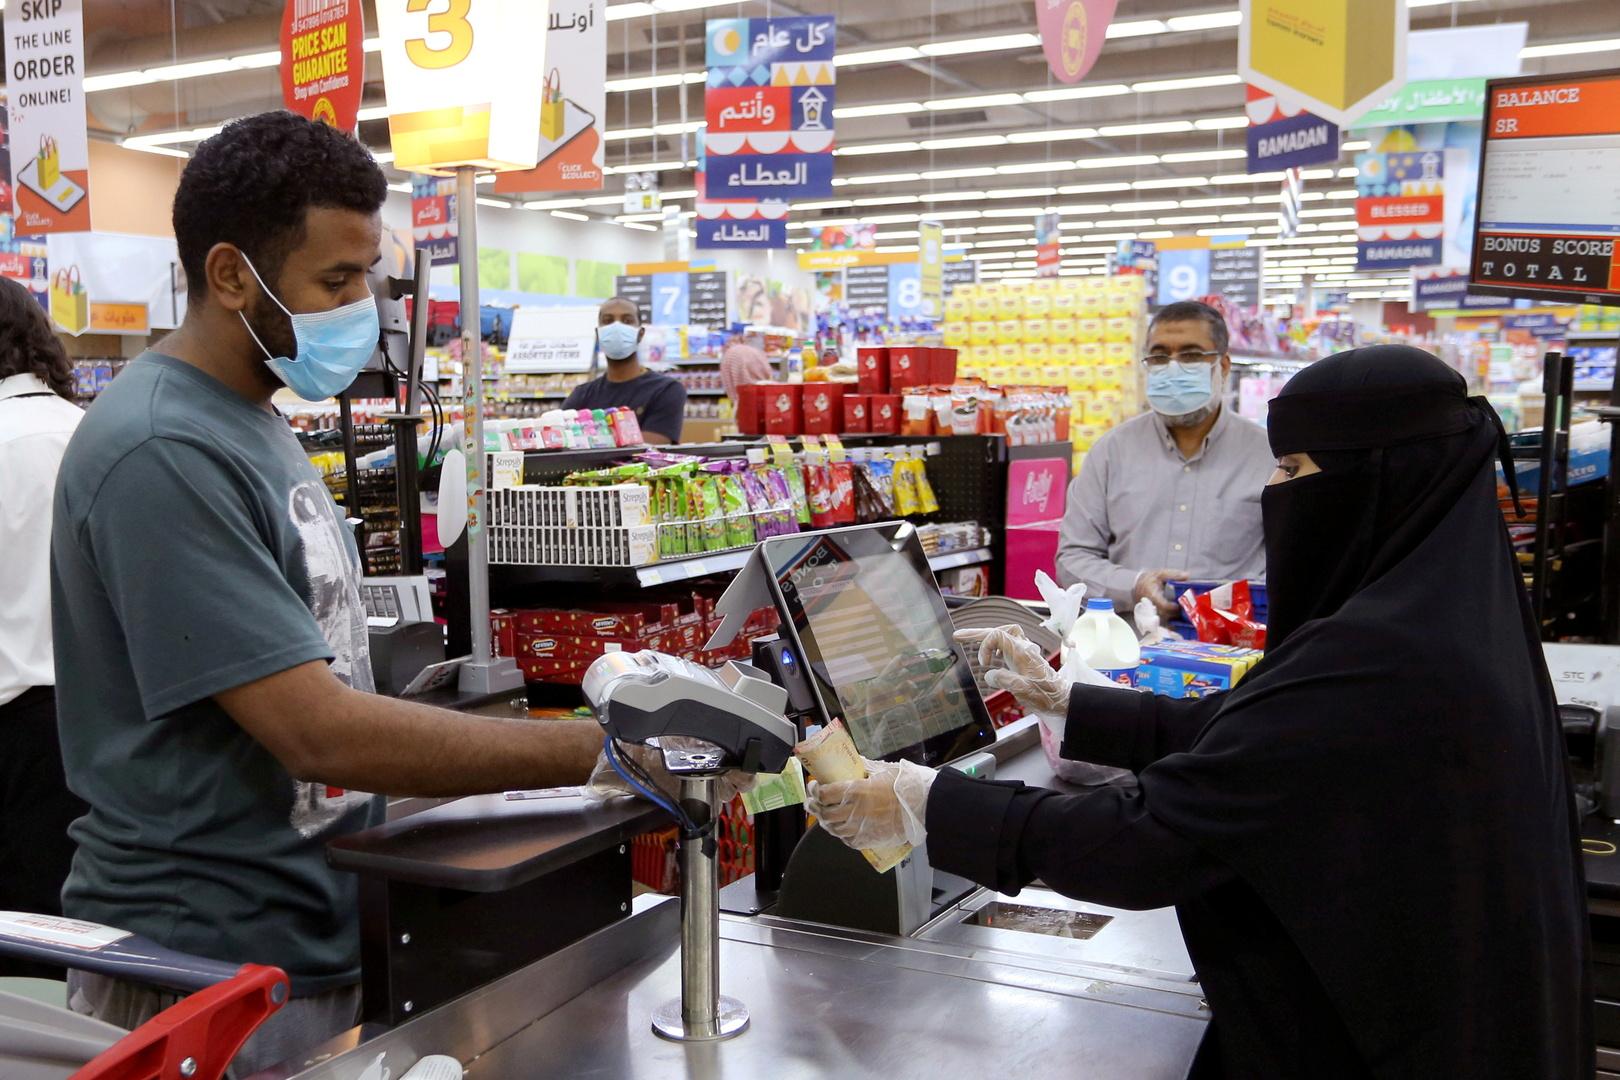 انتشار فيروس كورونا في الرياض